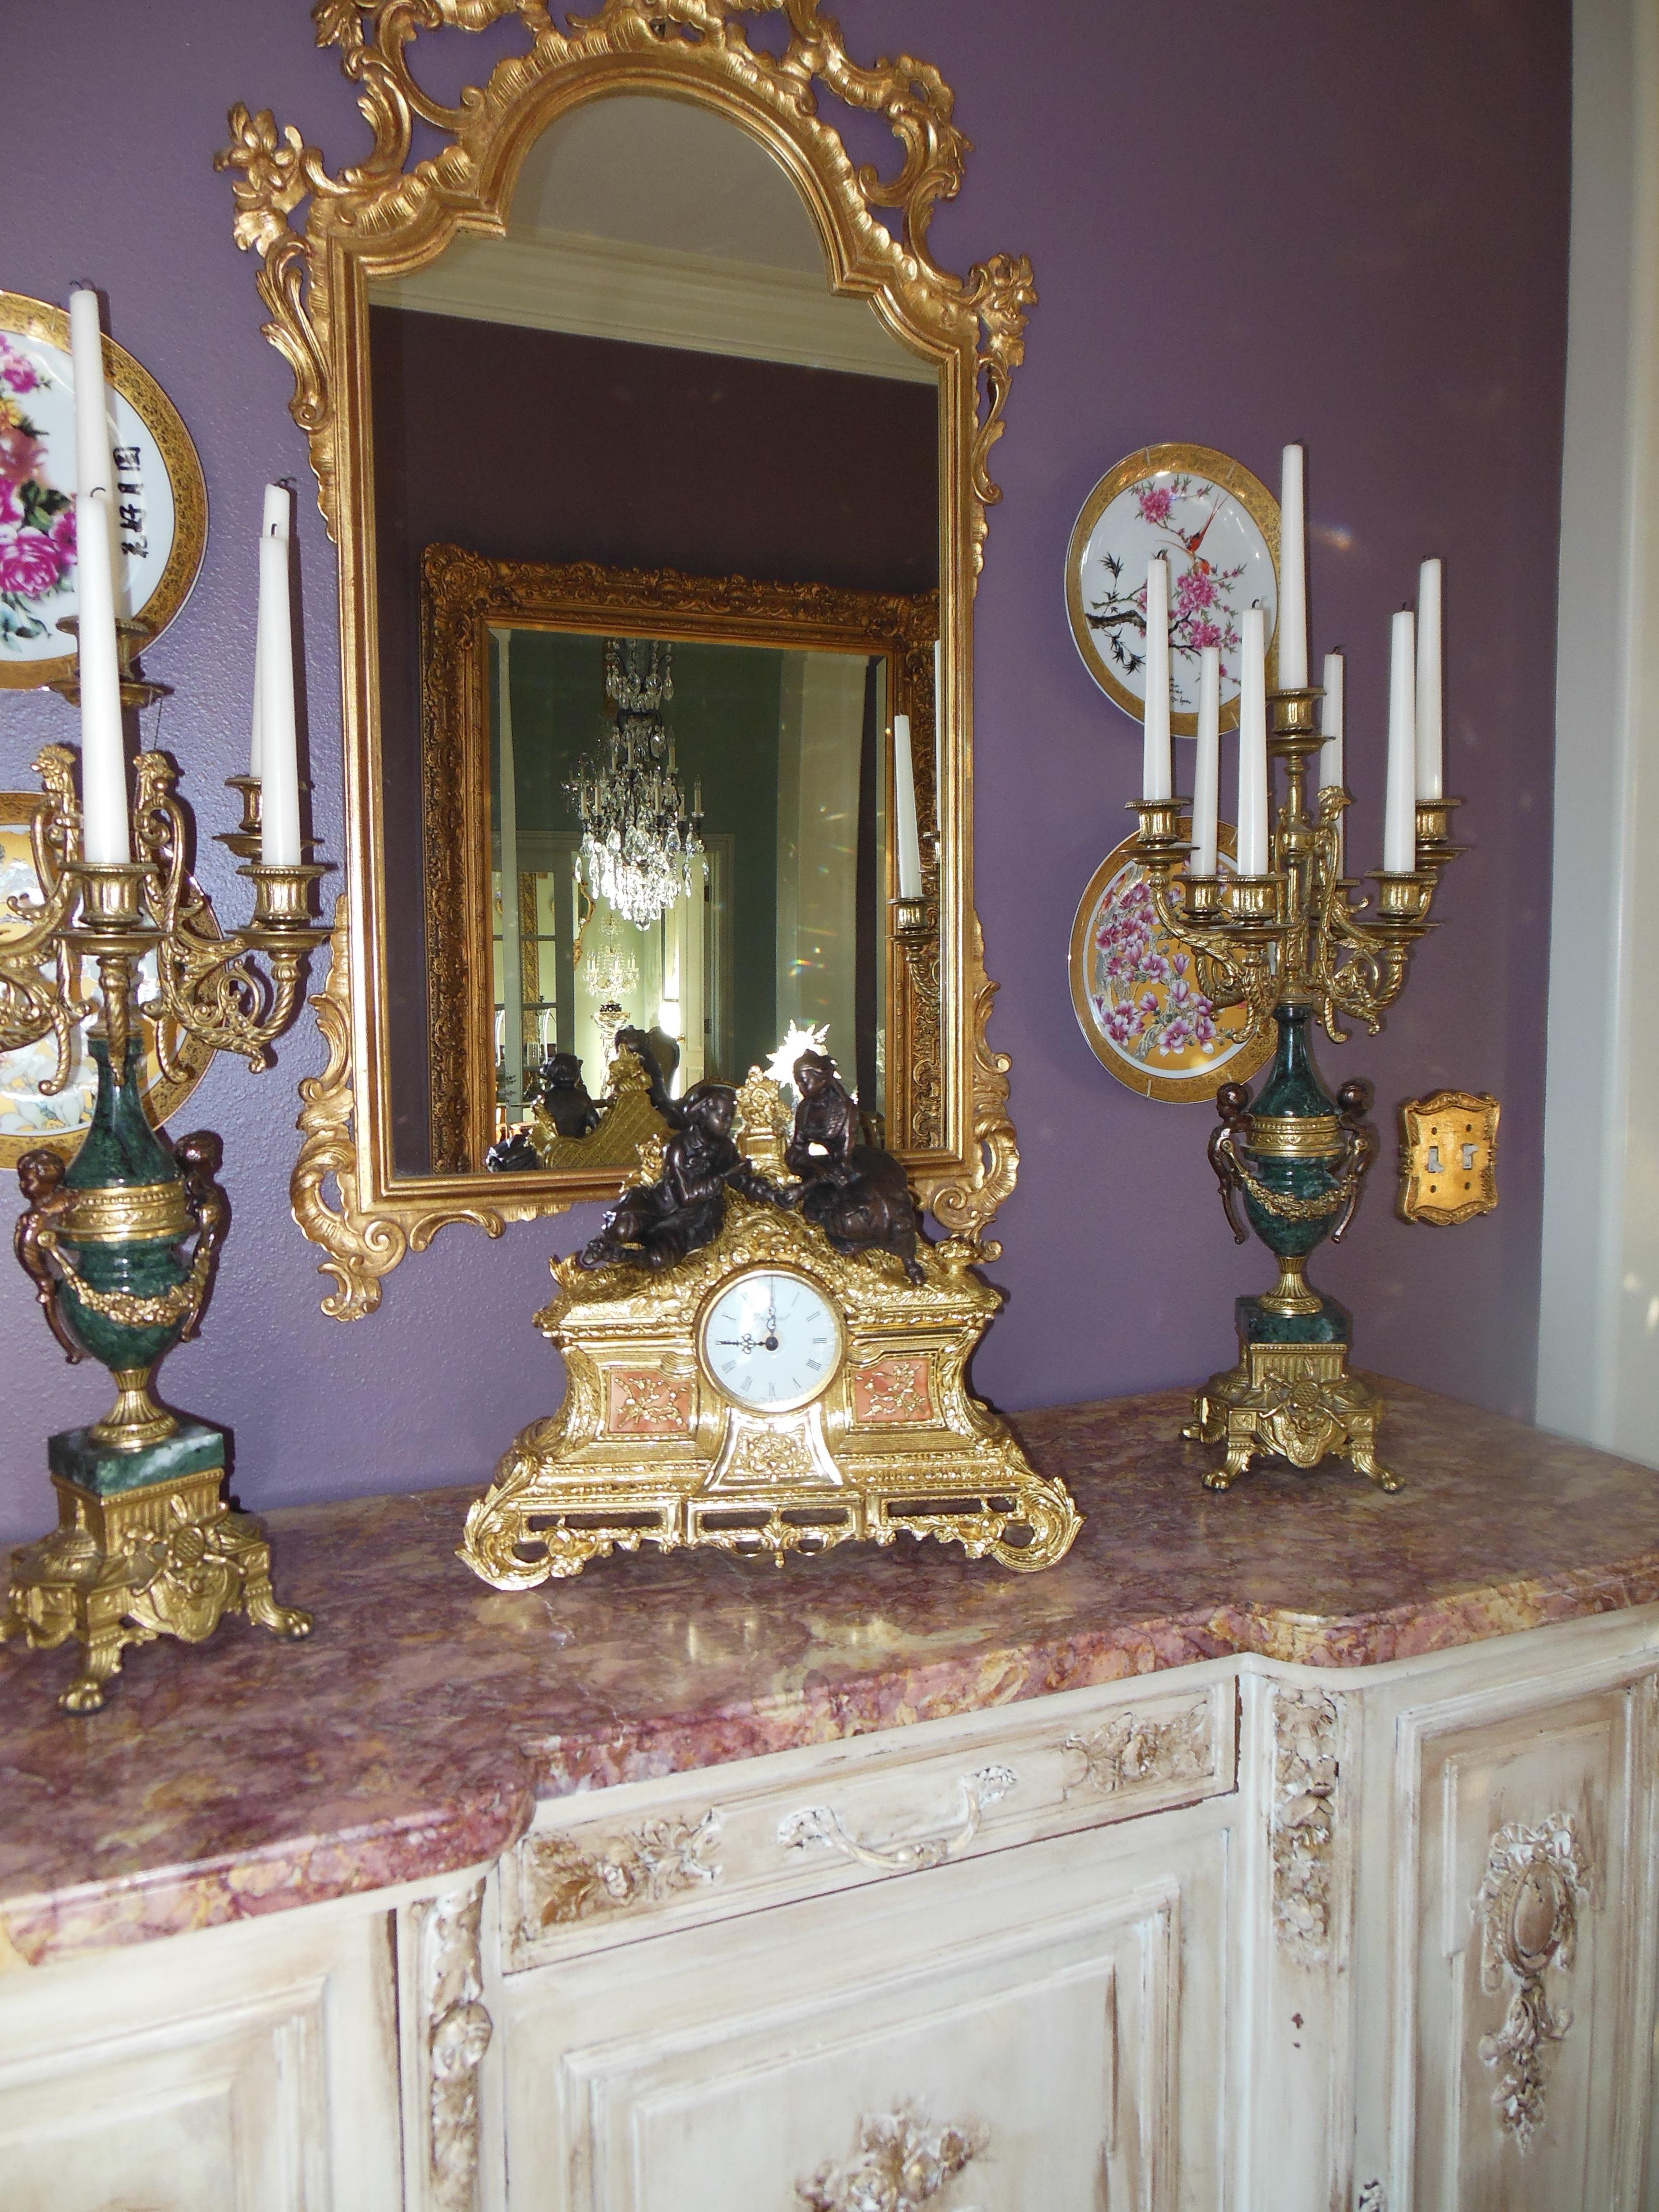 dscn0159-dining-room.jpg